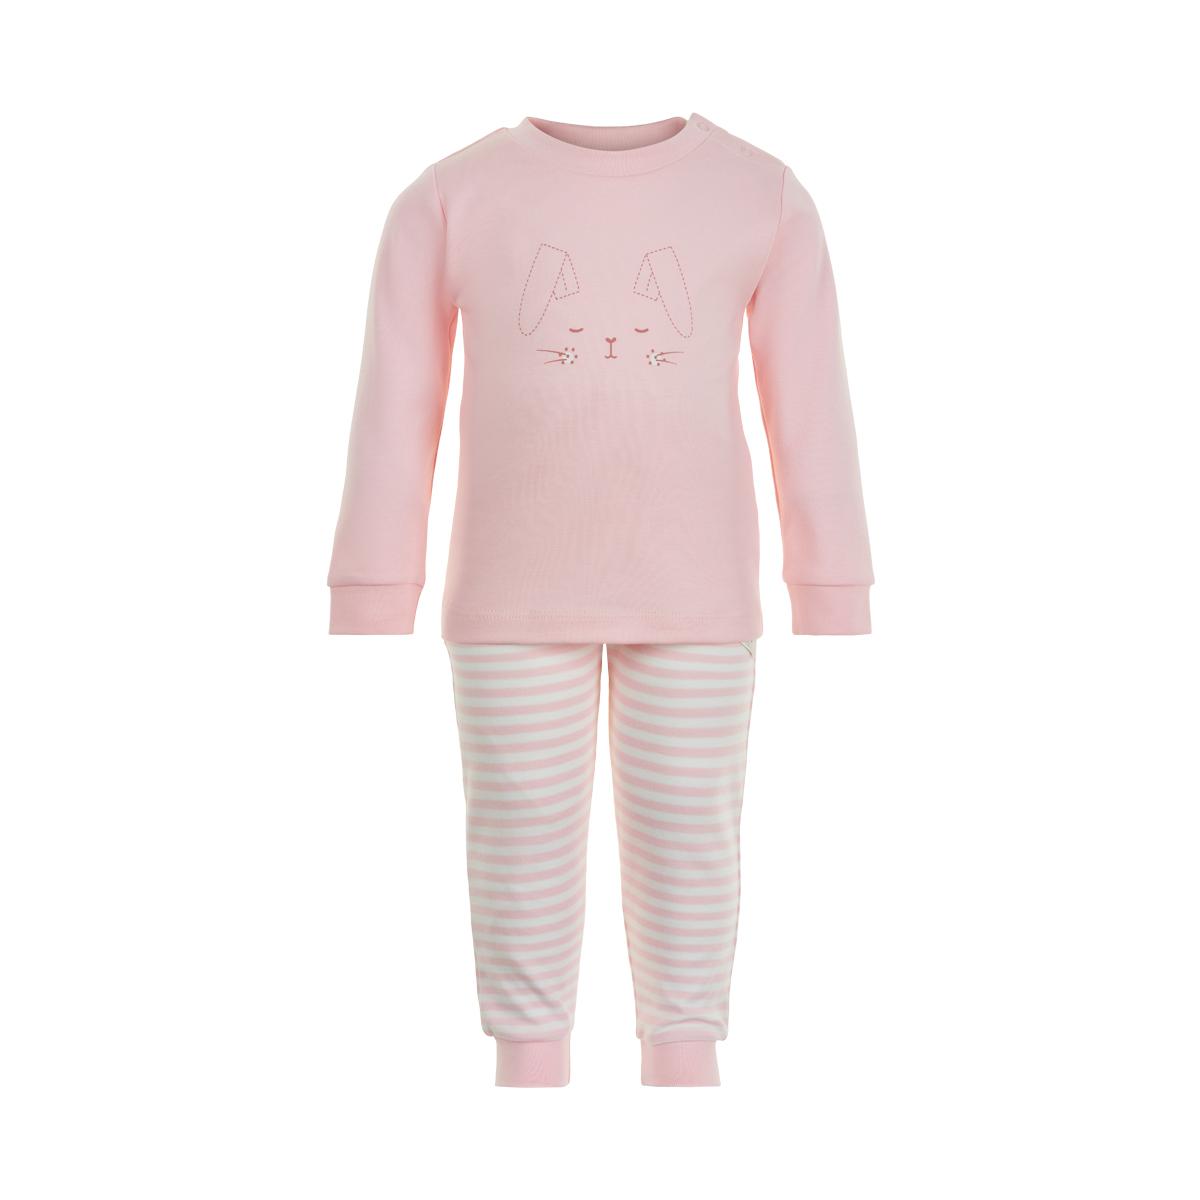 Fixoni dětské dvojdílné pyžamo  422015-6101